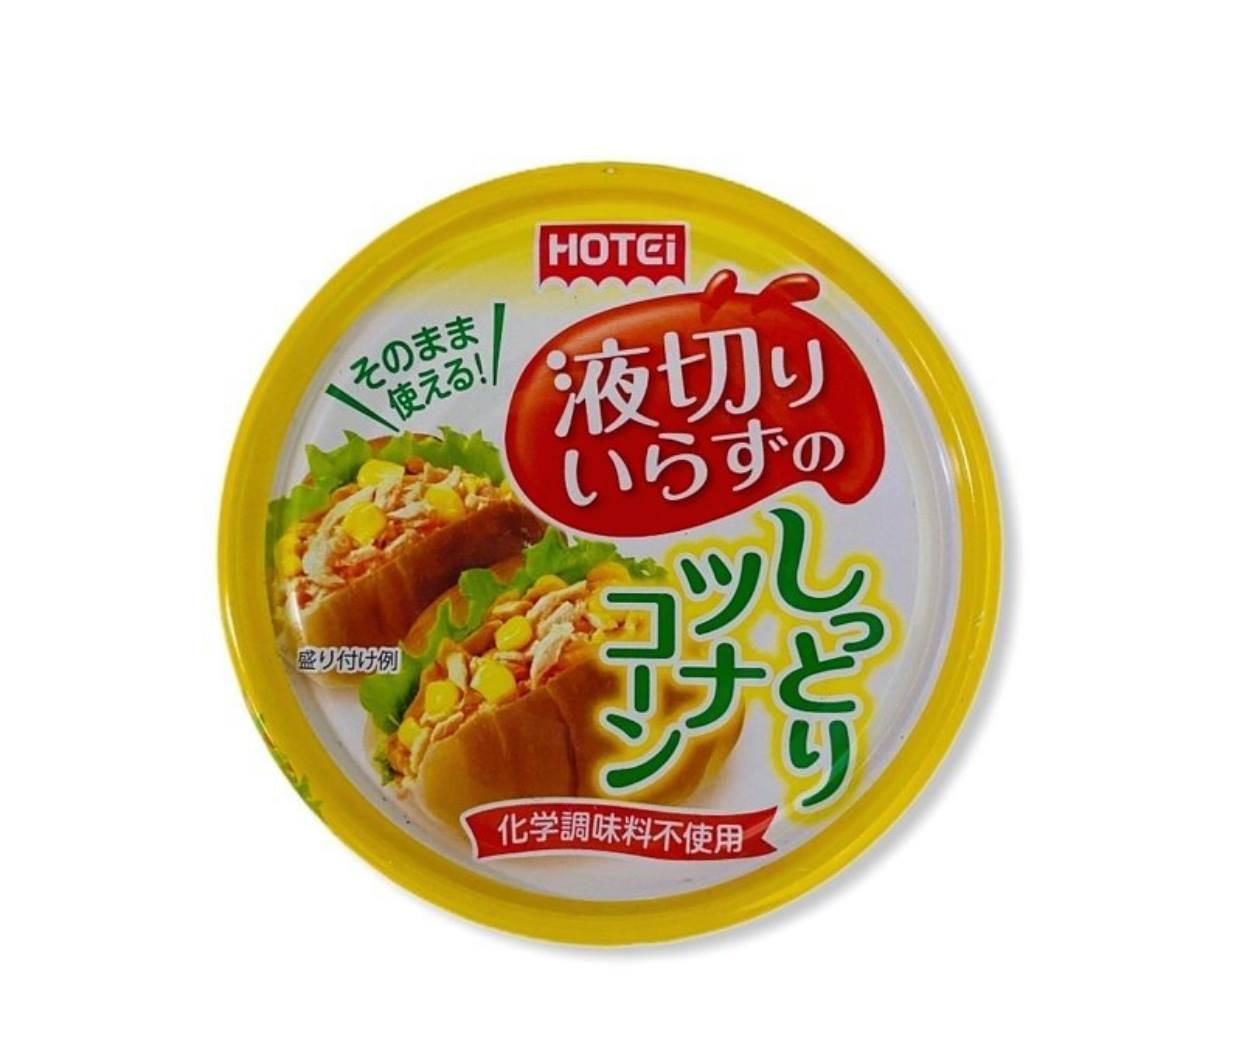 HOTEi 玉米鮪魚罐頭 55g